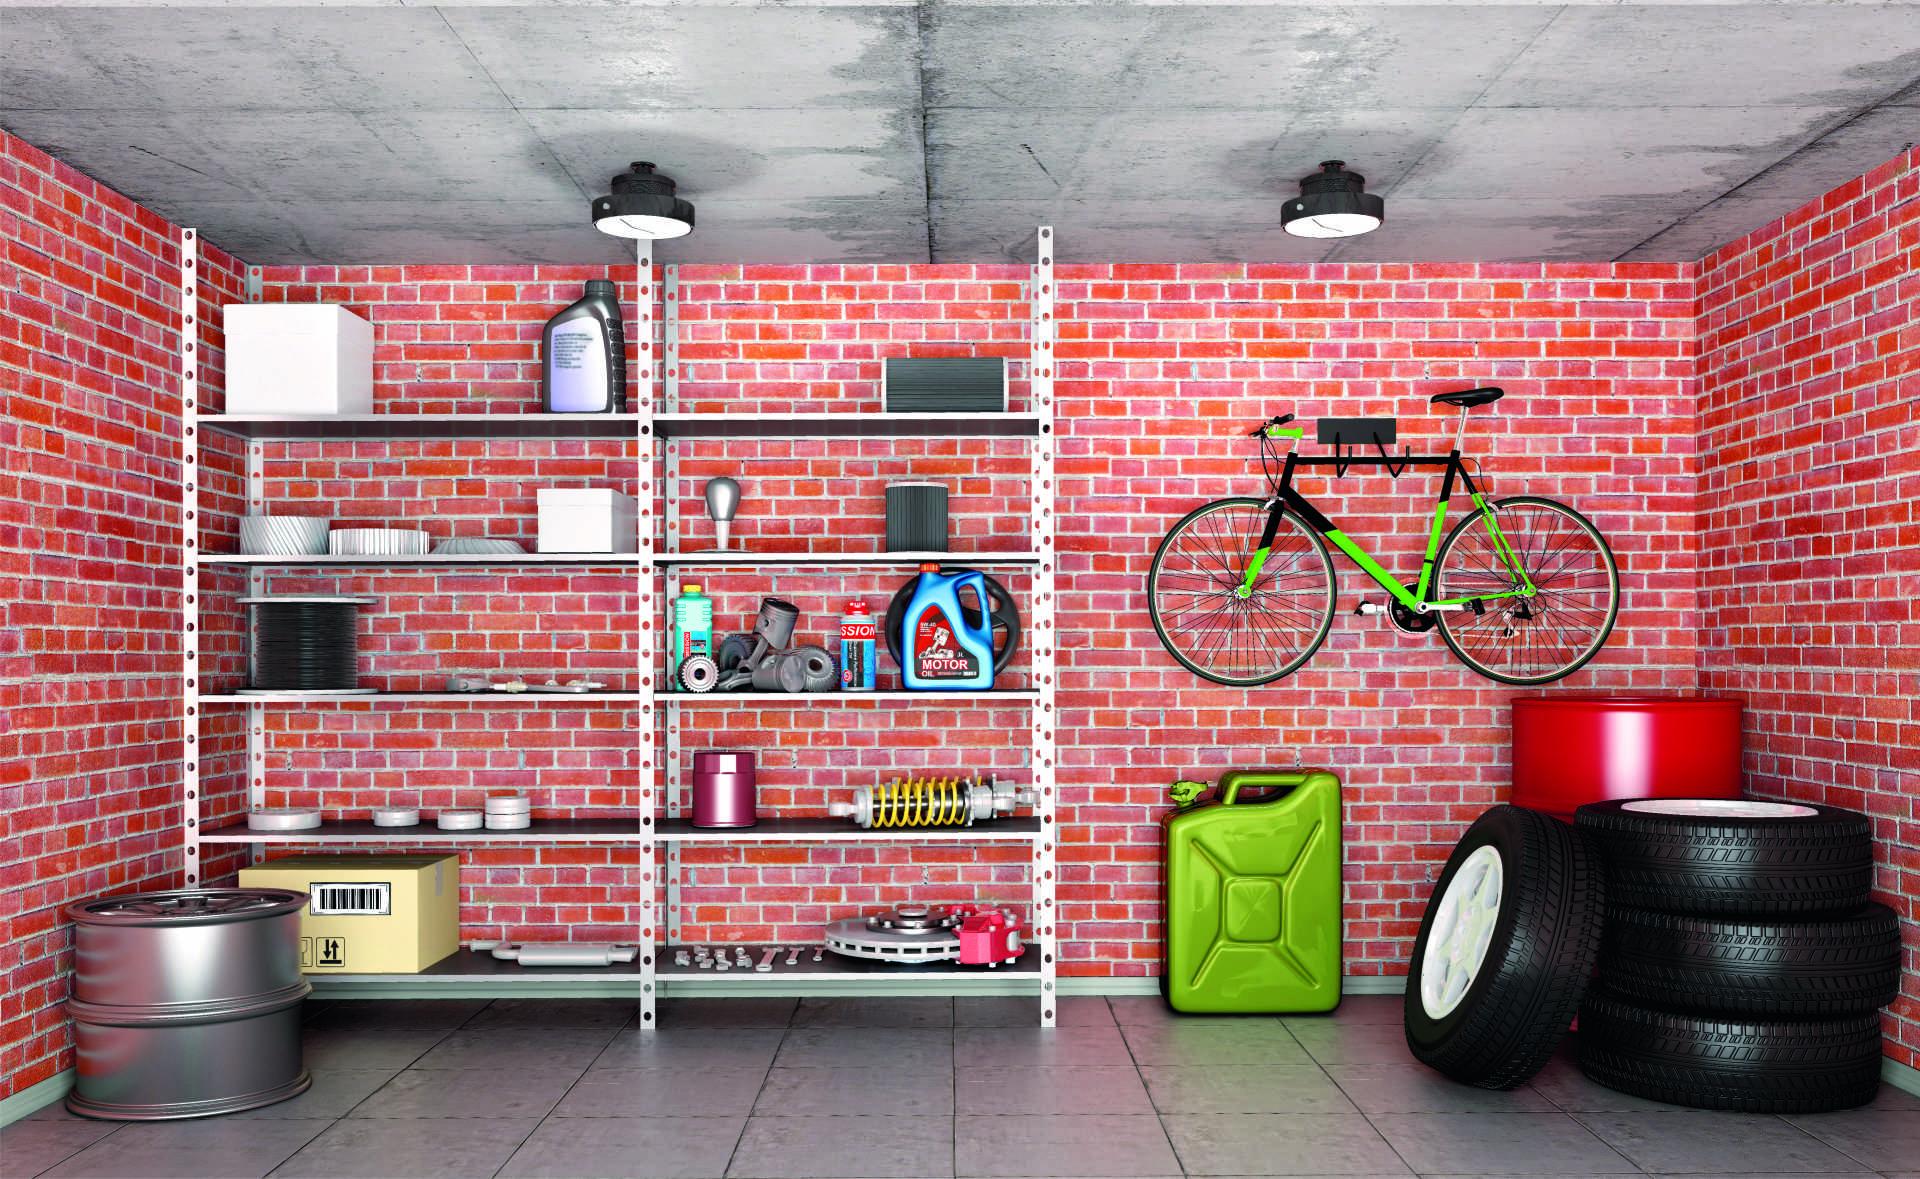 Garaż Dobrze Oświetlony